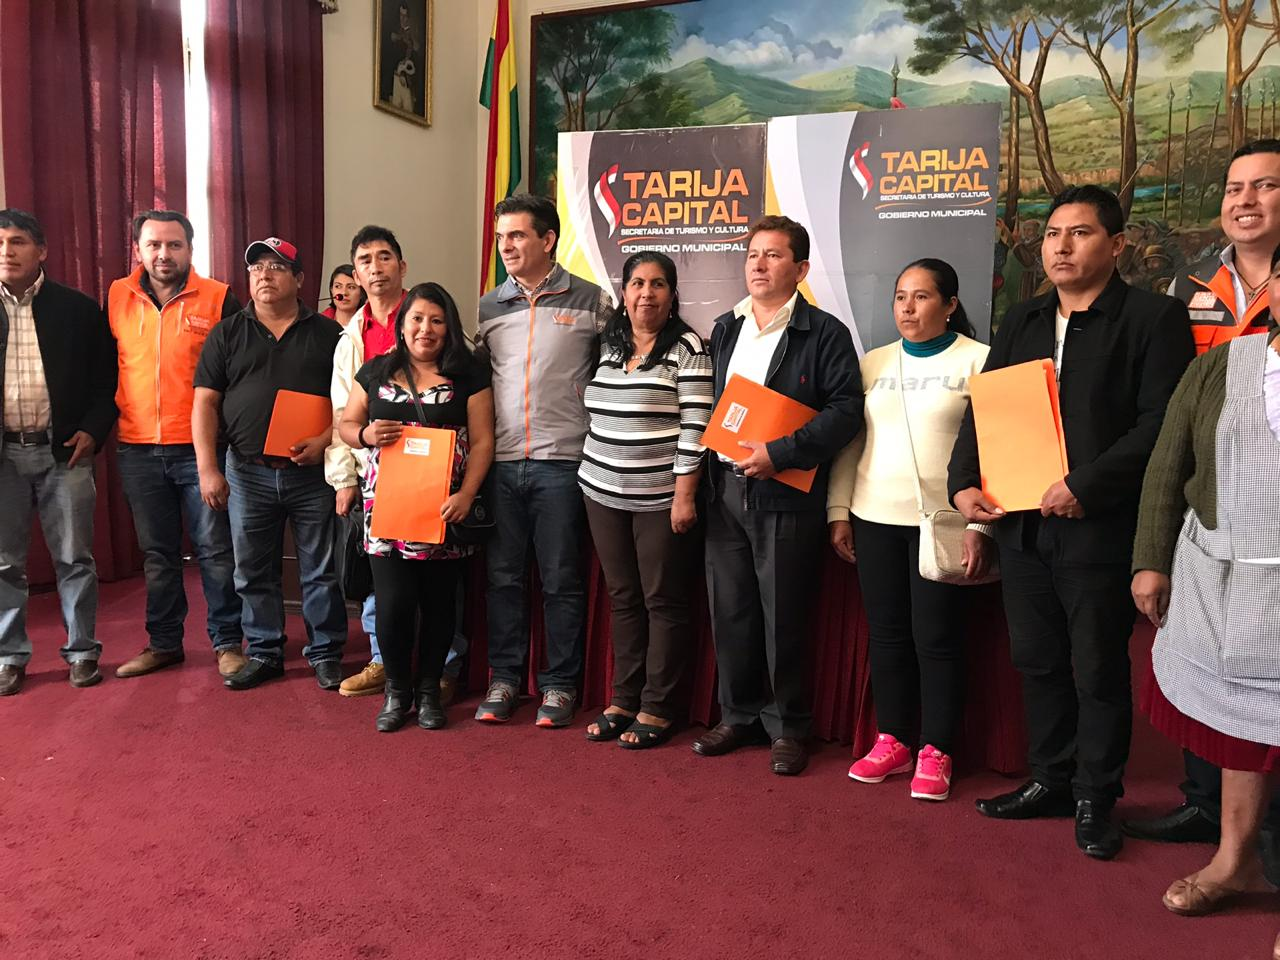 Paz firma autorización para construcción de 4 nuevas unidades educativas en Tarija